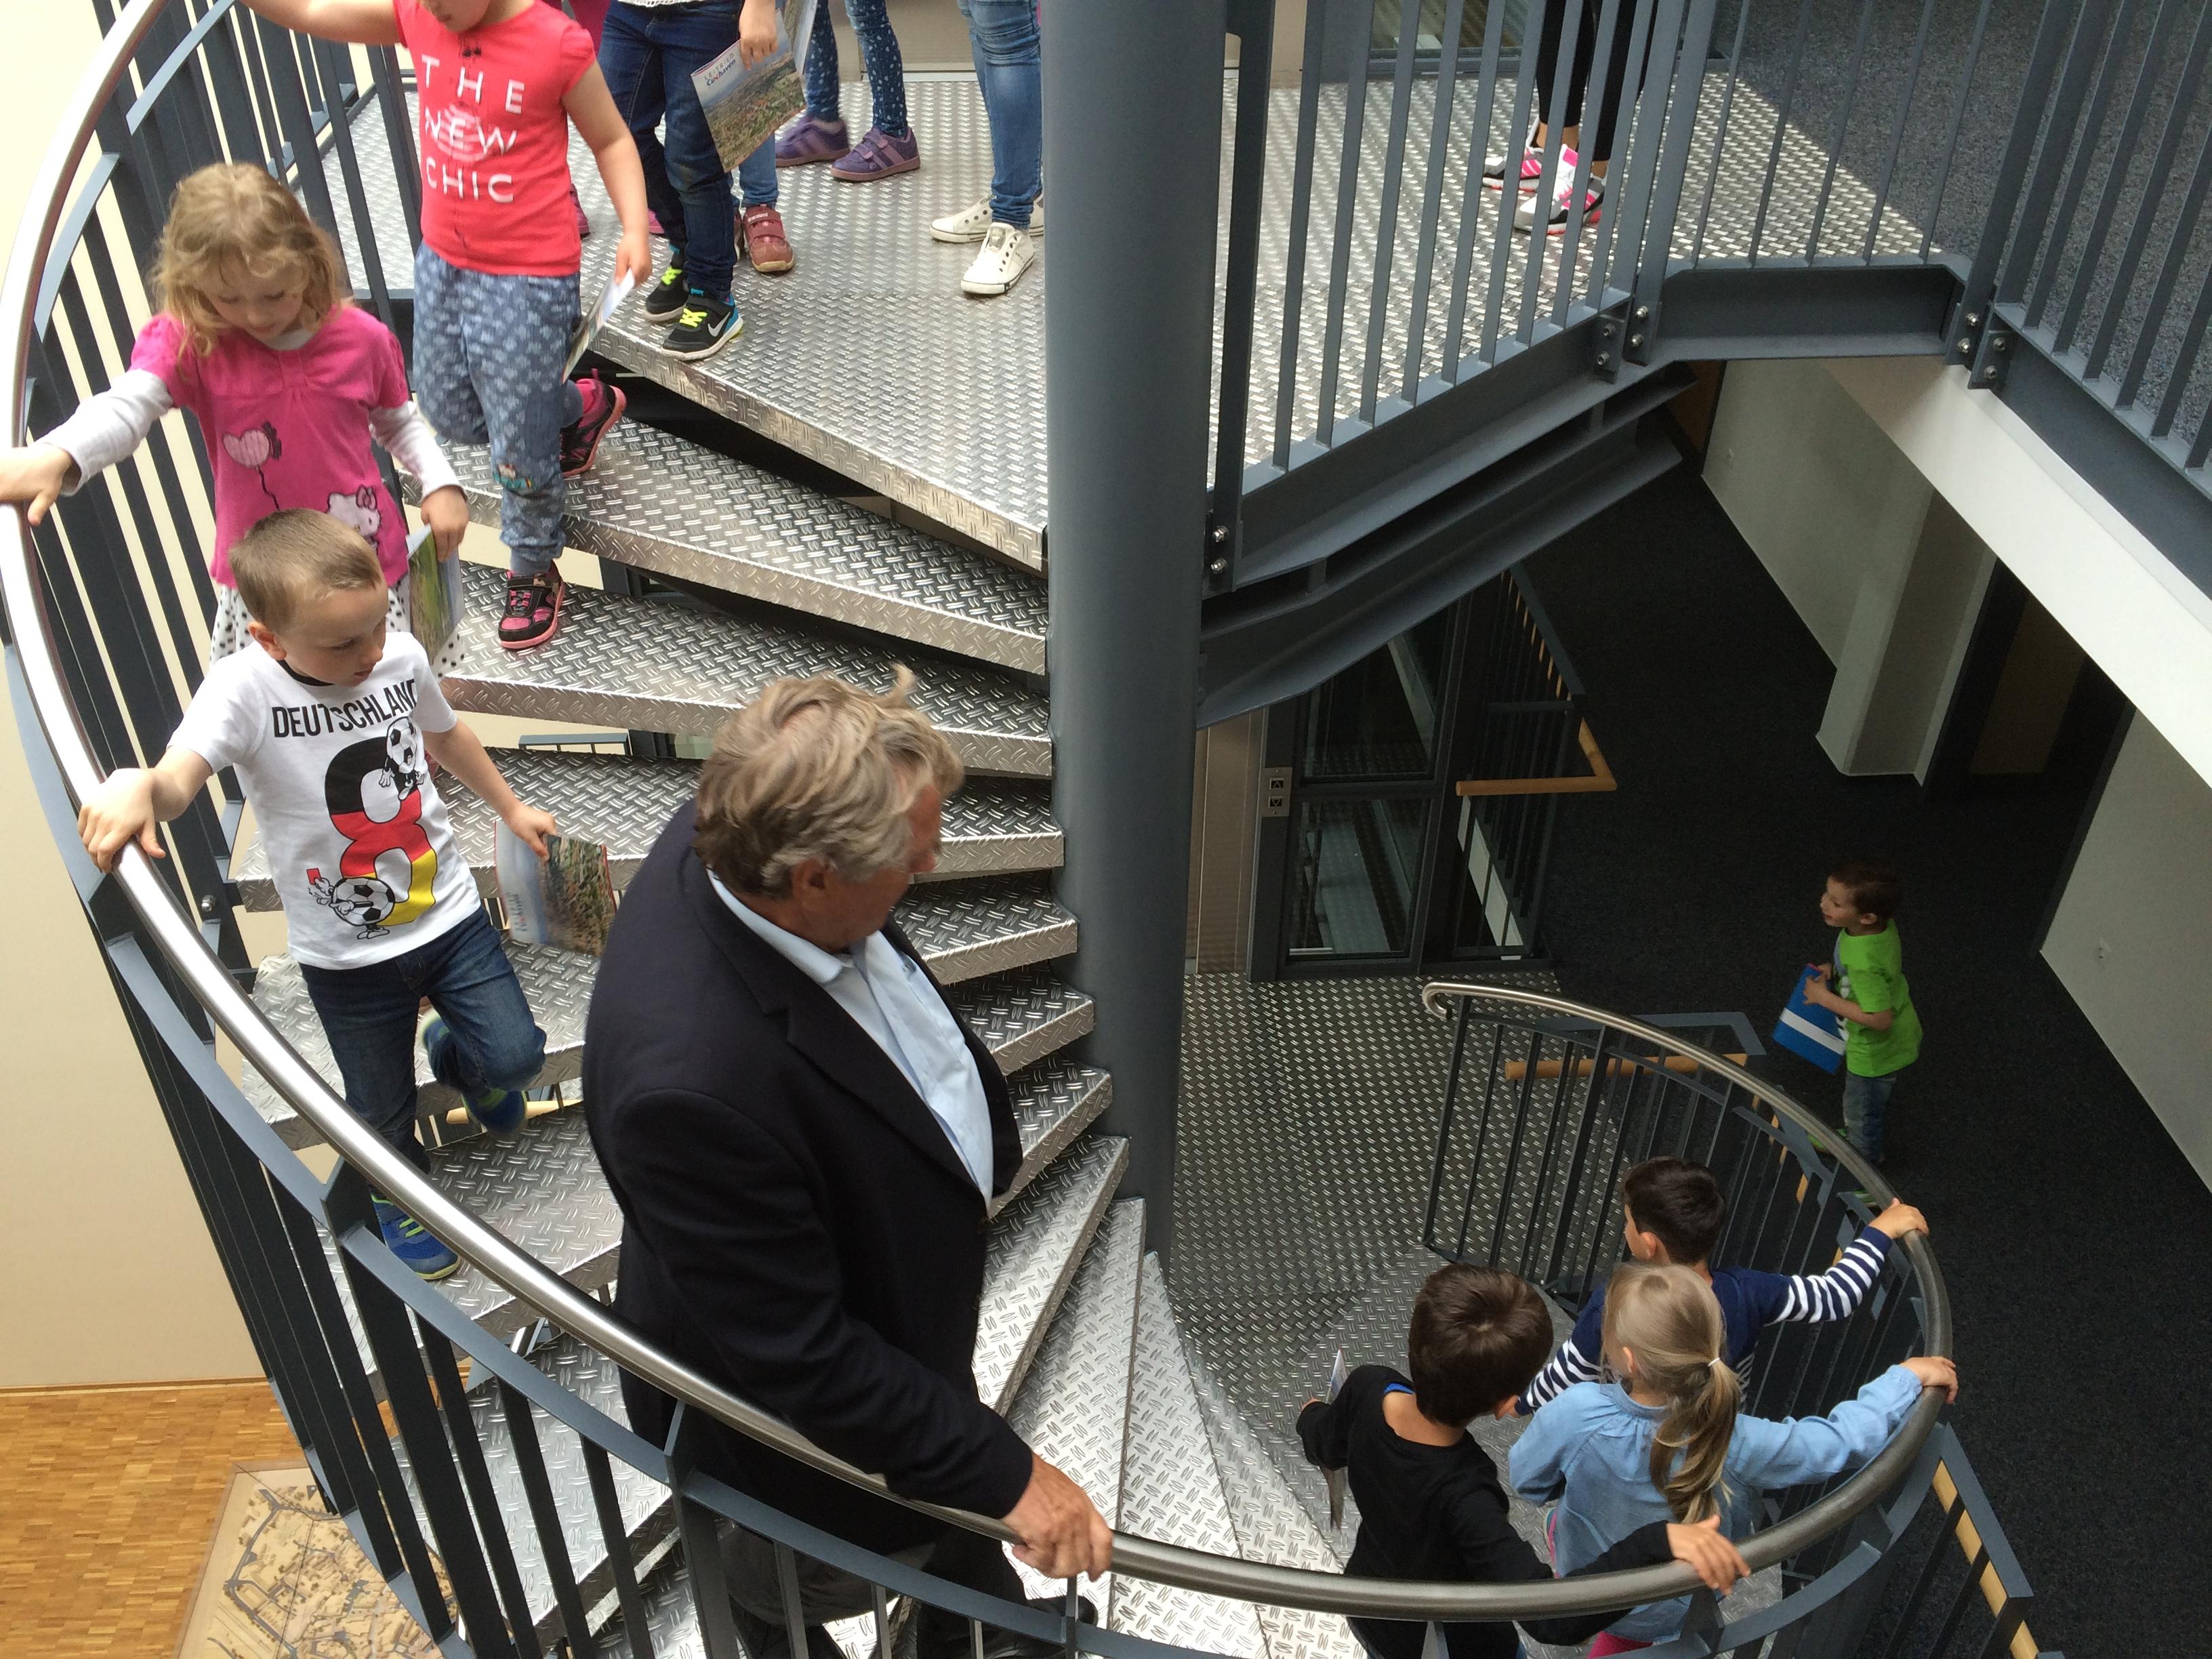 Zu Besuch im Rathaus - Vorschulkinder der Kindertagesstätte St. Marien hatten viele Fragen an den Oberbürgermeister